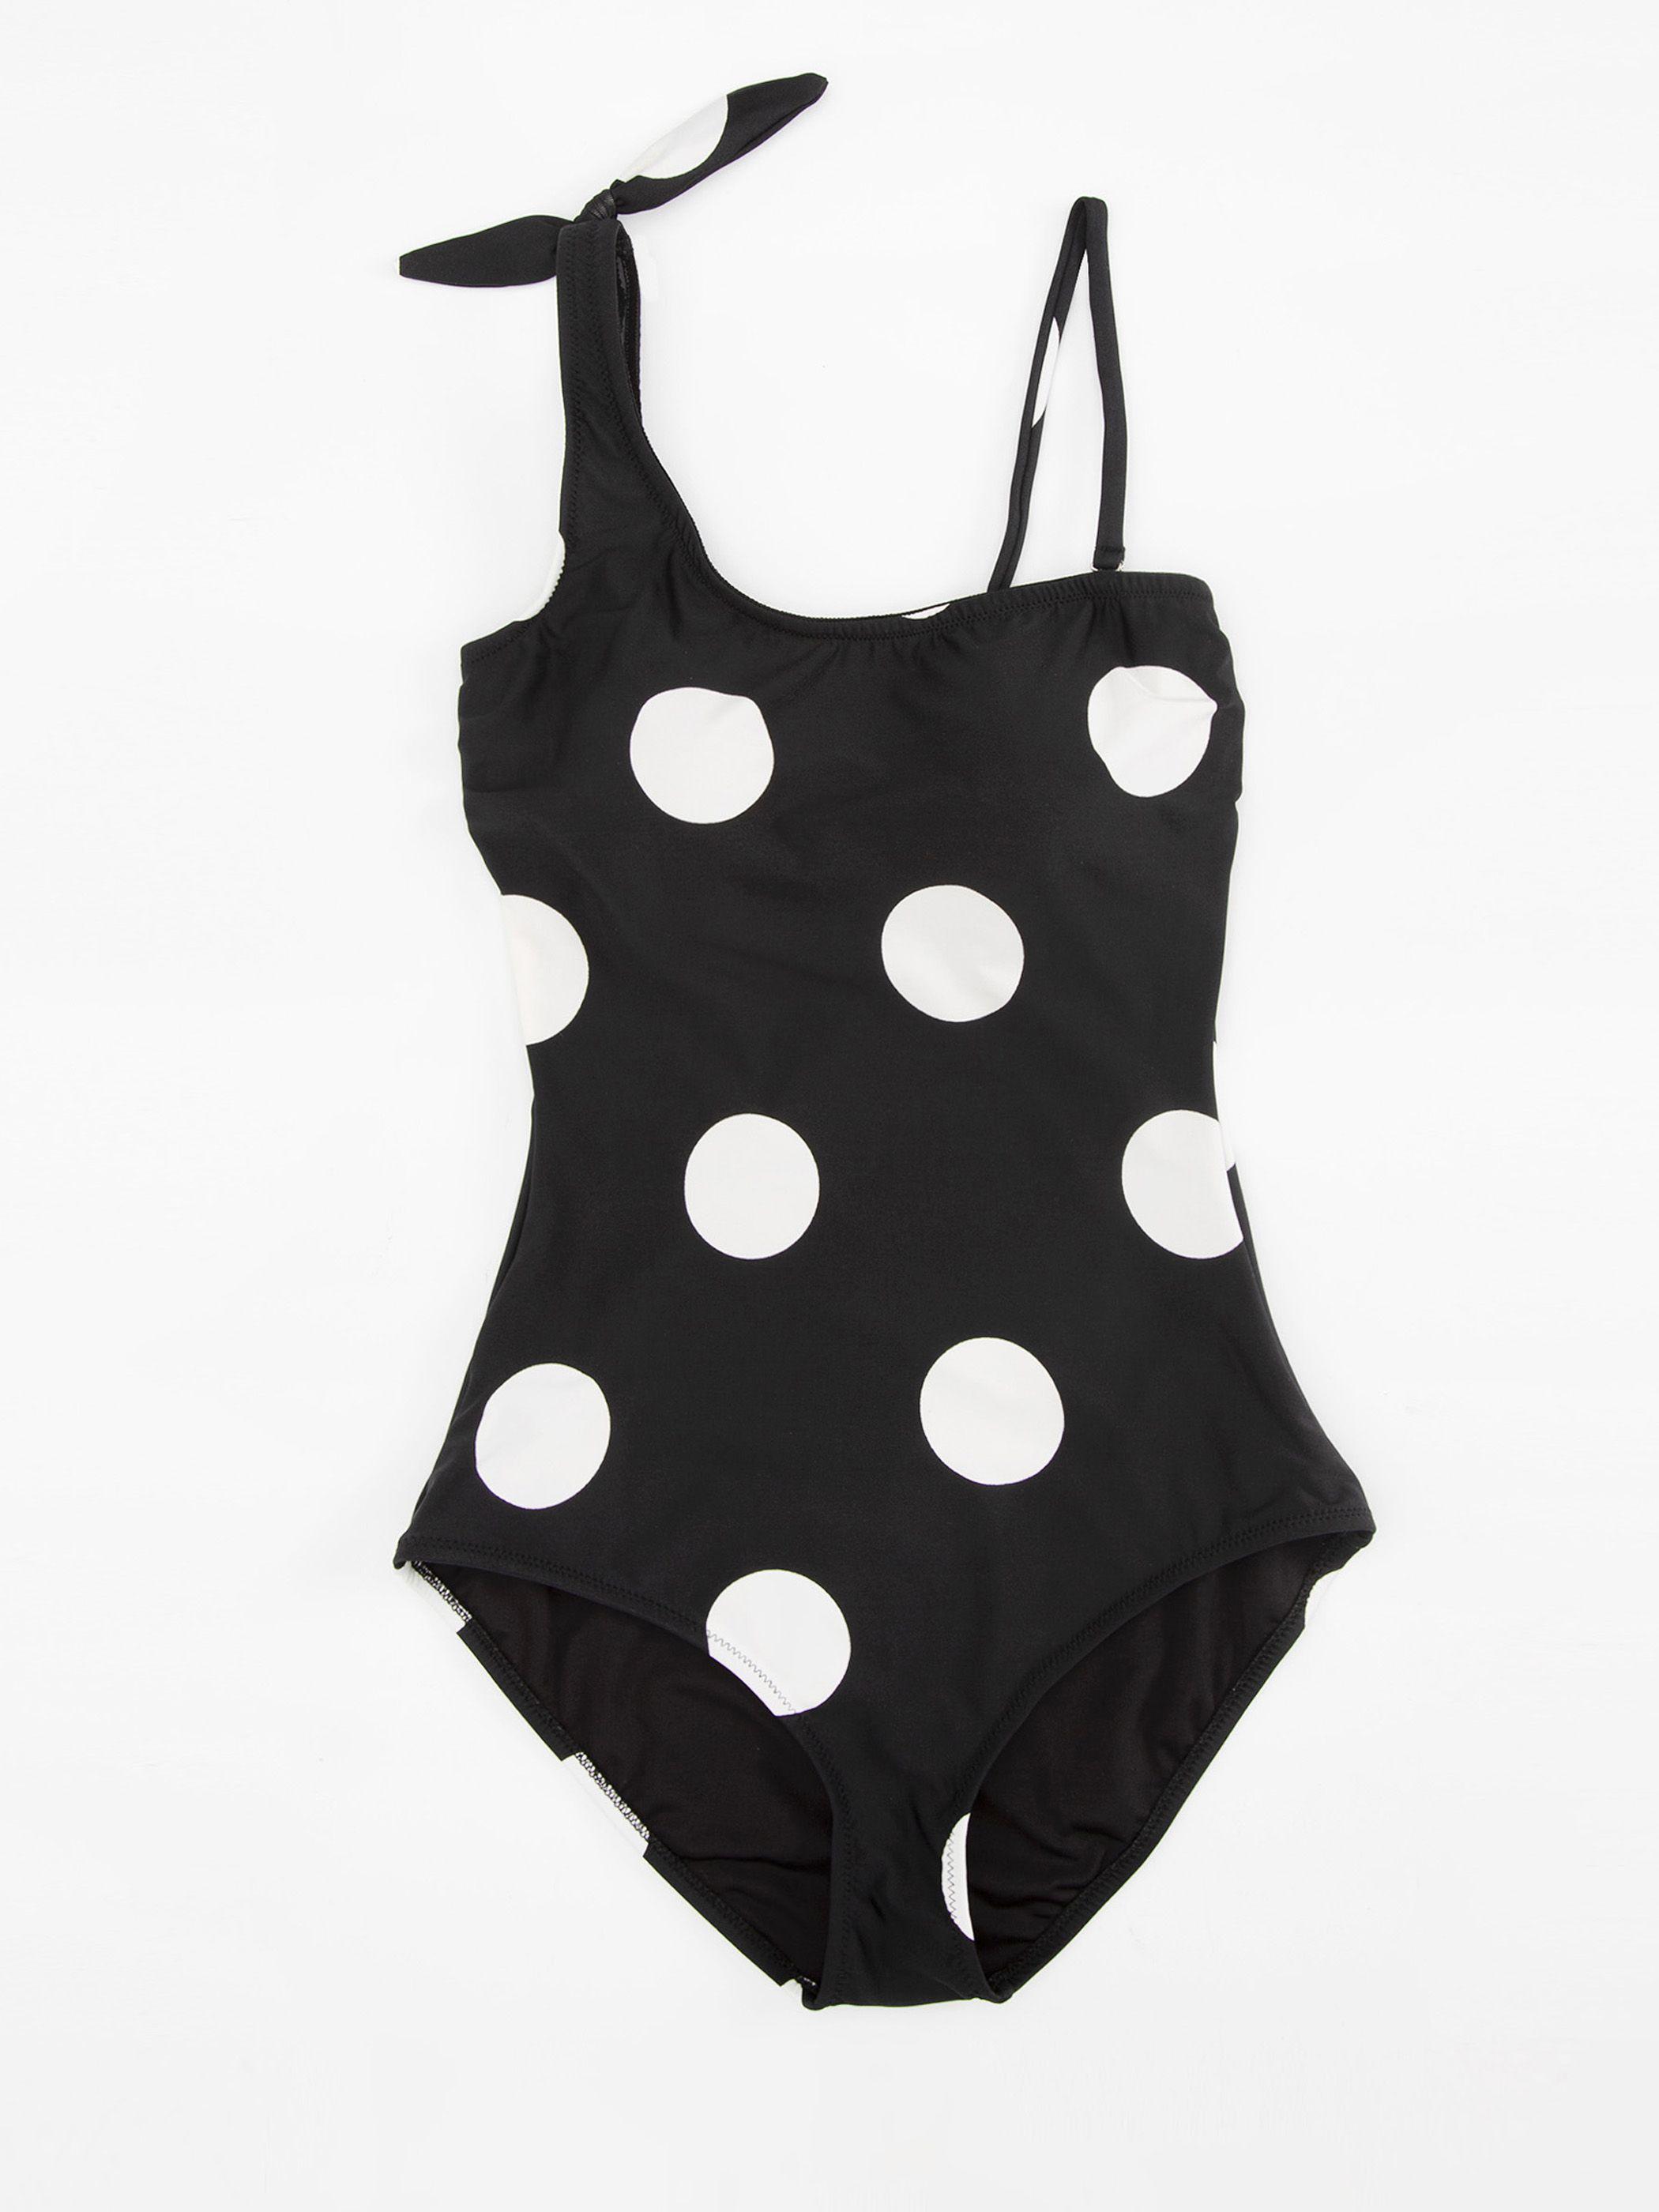 مایو زنانه لباس شنا زنانه Fashion Swimwear One Piece